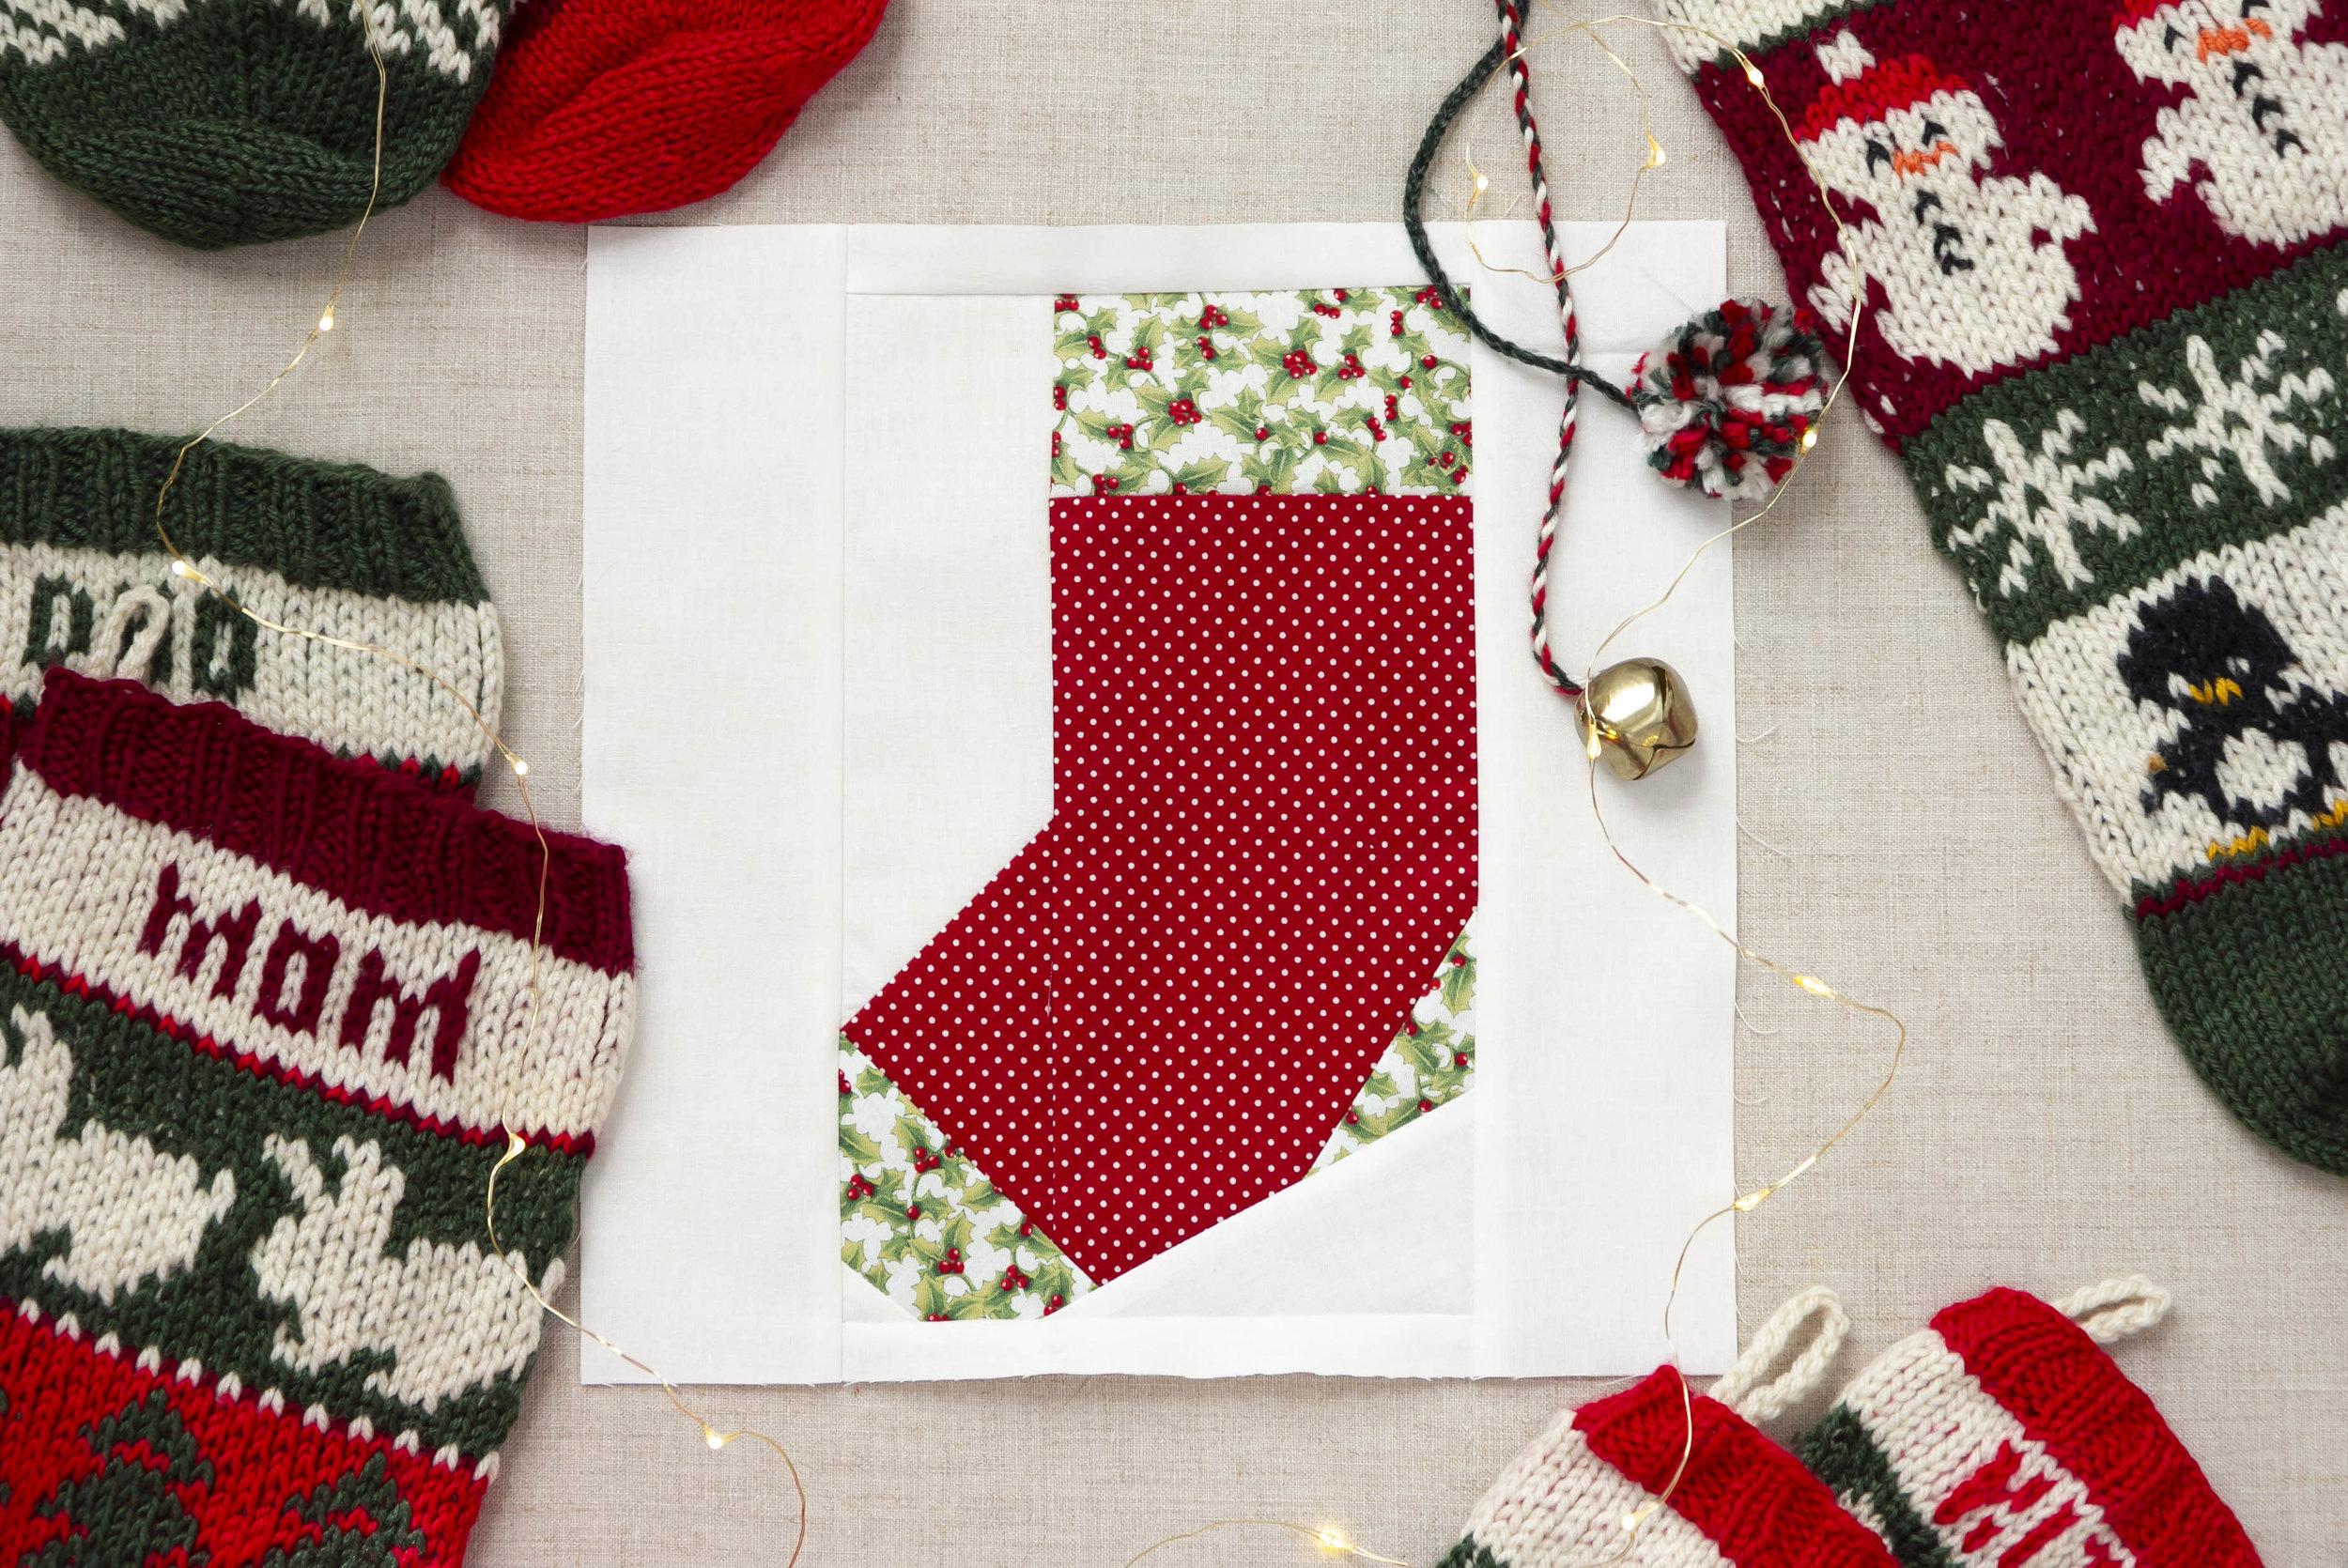 Christmas_Anne_of_Green_Gables_quilt_2018112920.jpg